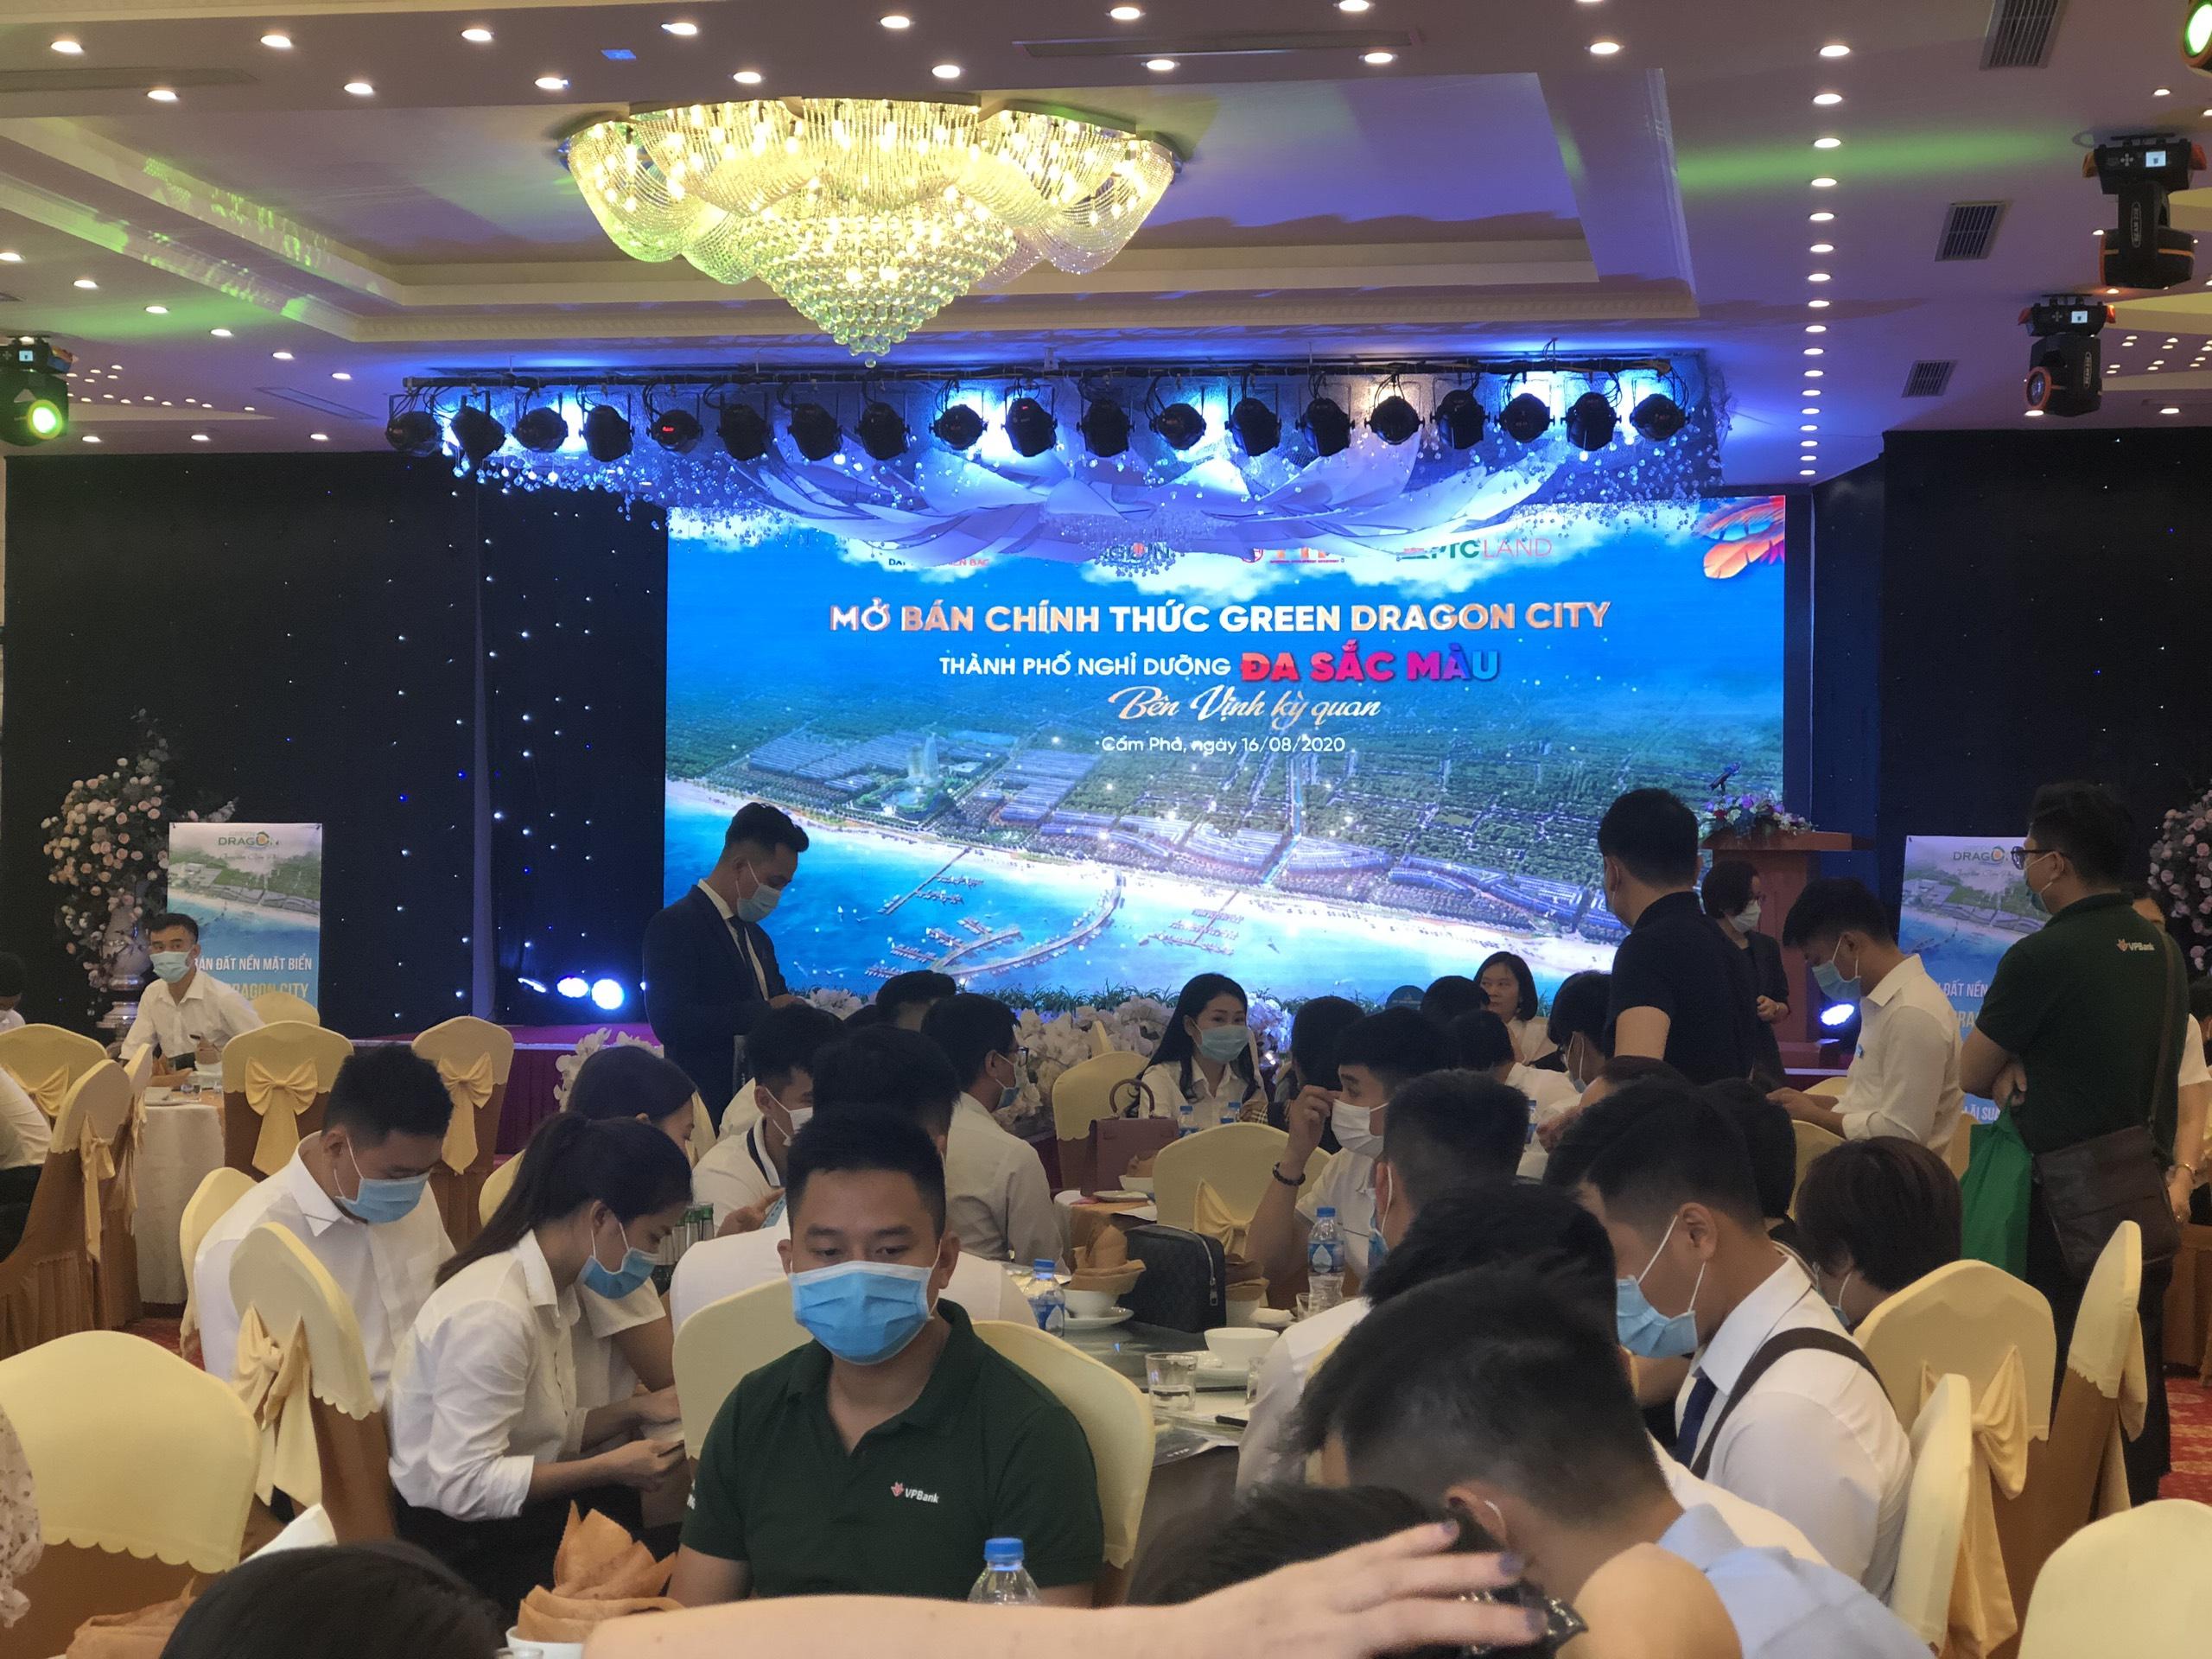 mo-ban-chinh-thuc-green-dragon-city-ngay-16-08-2020-1